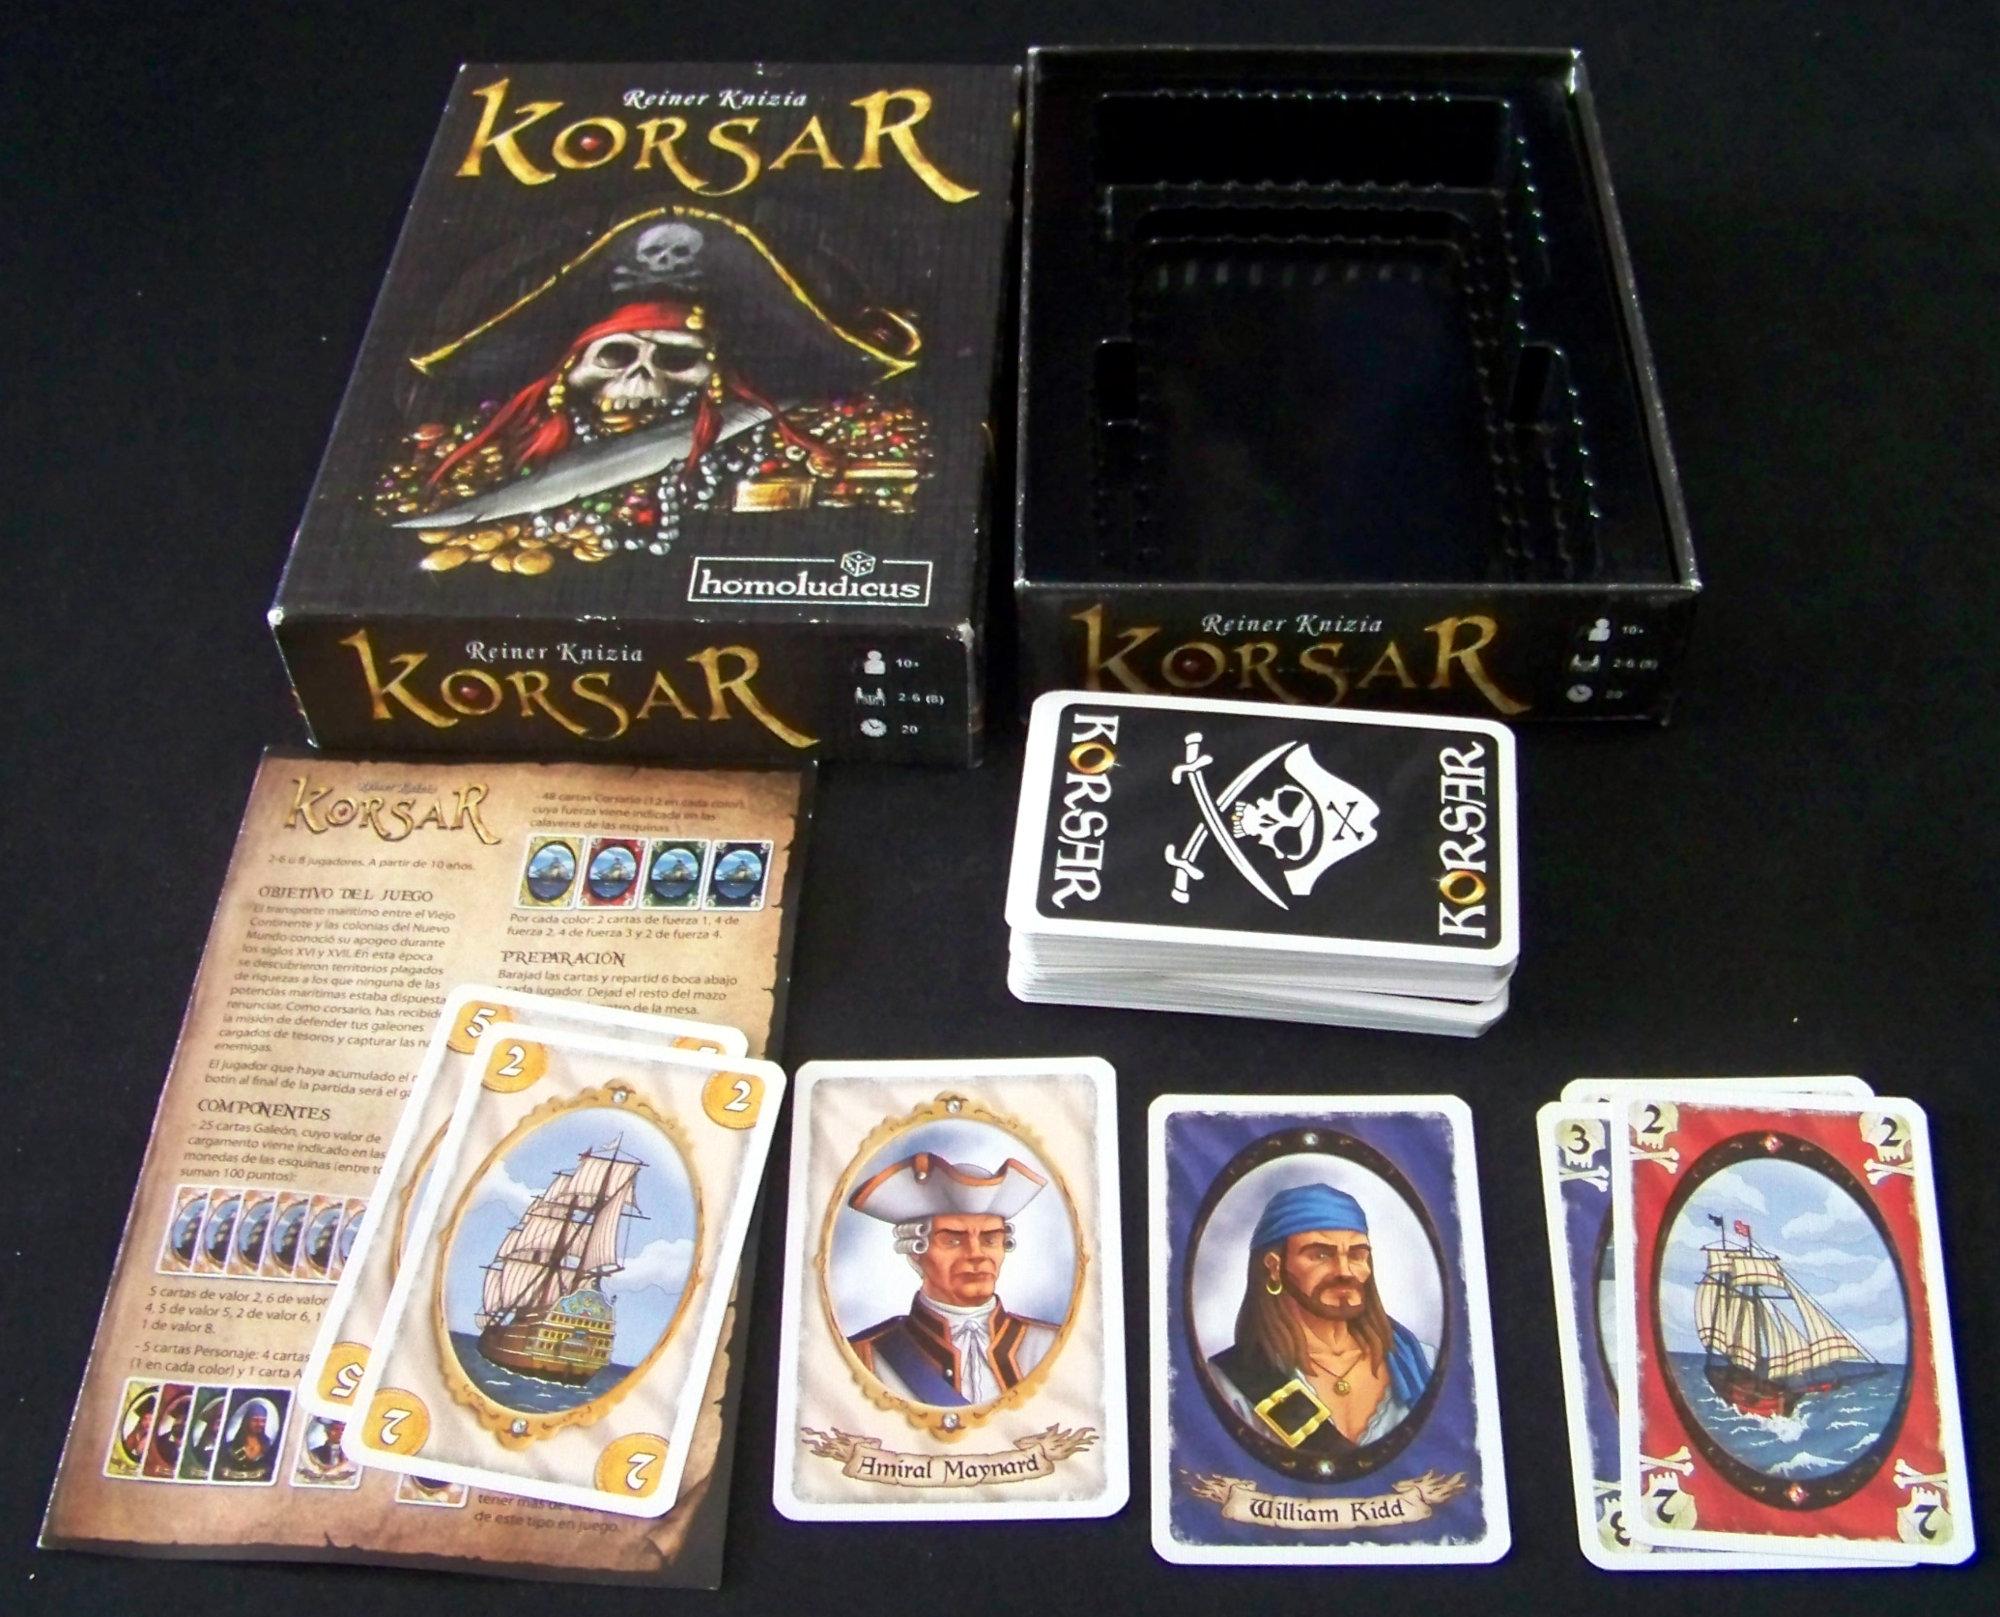 Juego de mesa Korsar - contenido